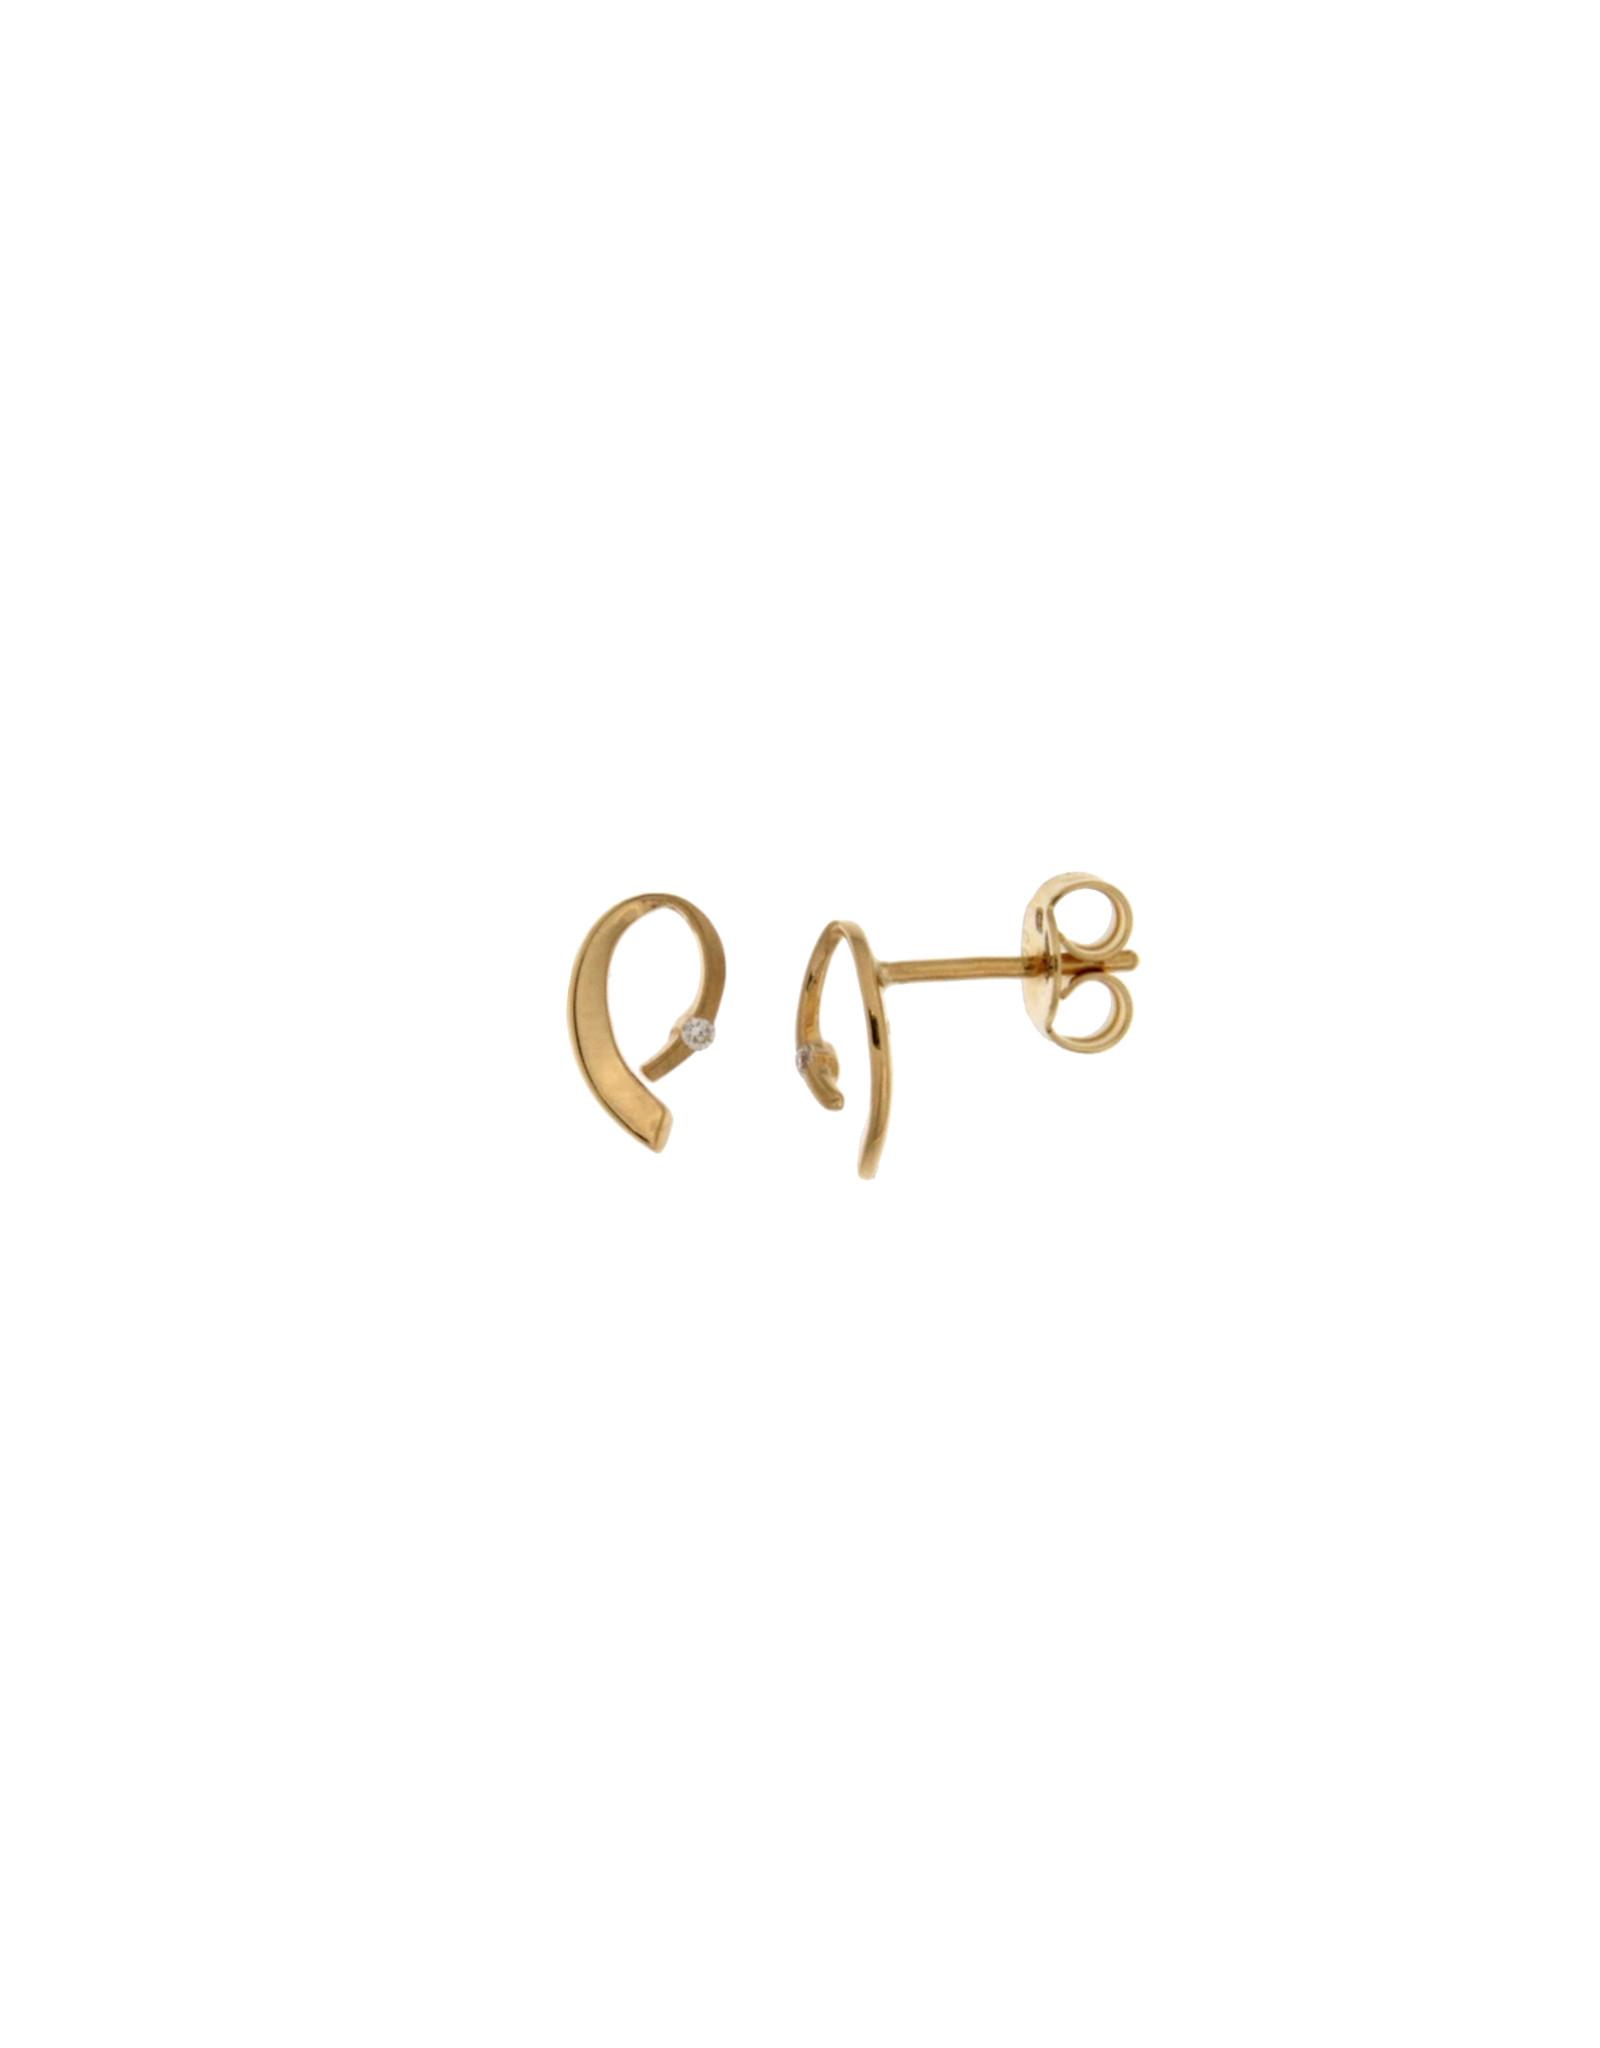 Oorbellen Geel Goud 18kt 062665/A